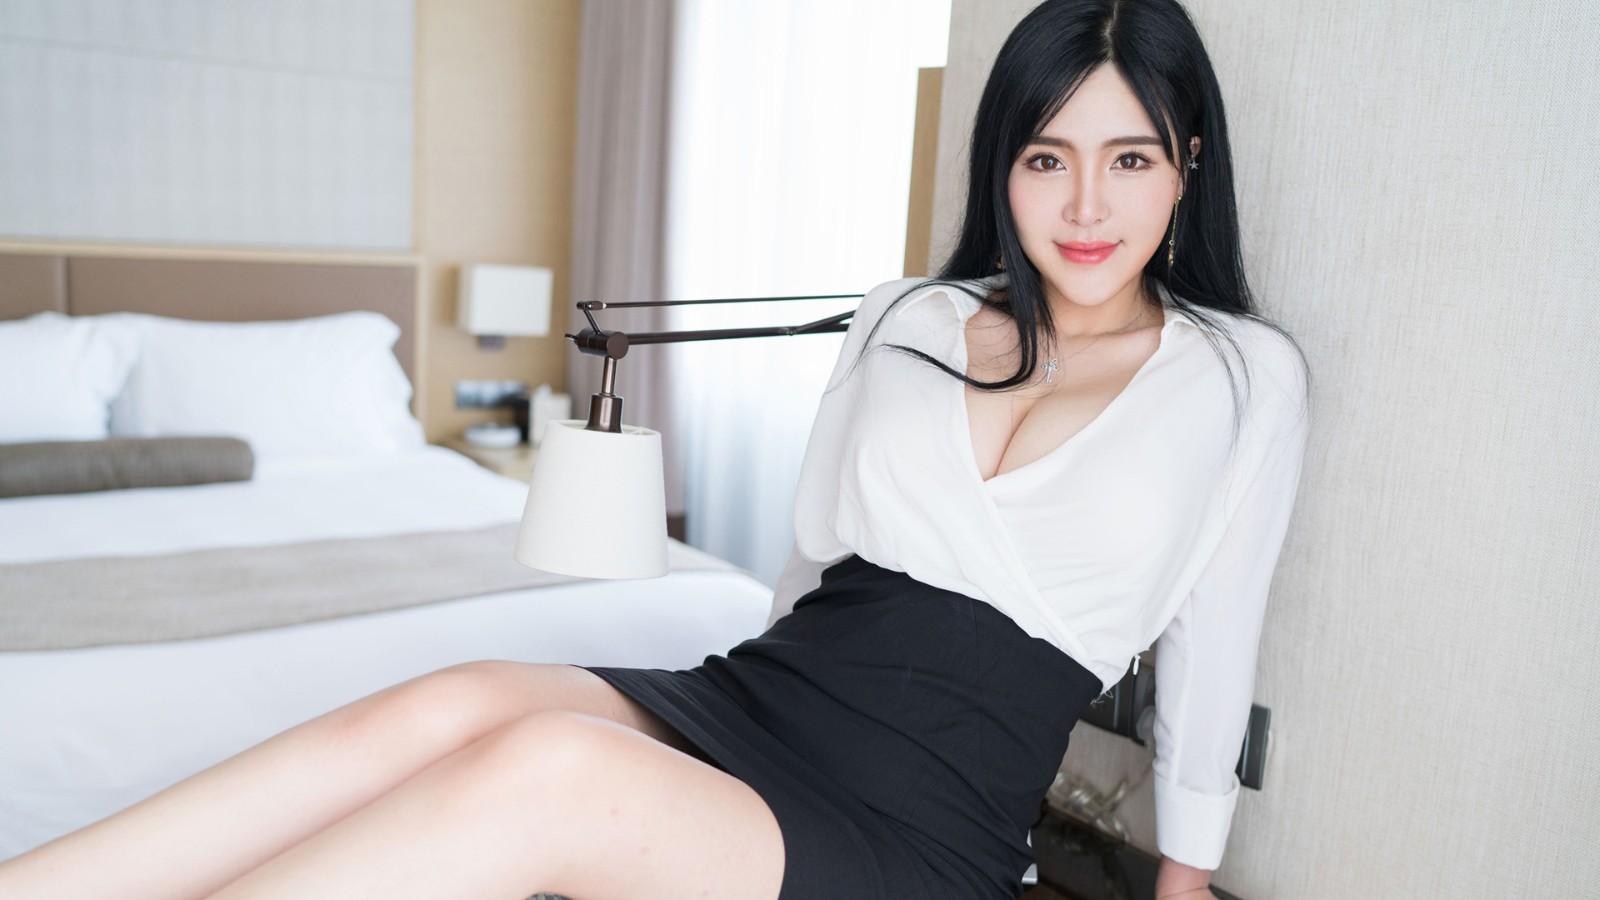 刘钰儿白衬衫黑色短裙性感美女电脑壁纸